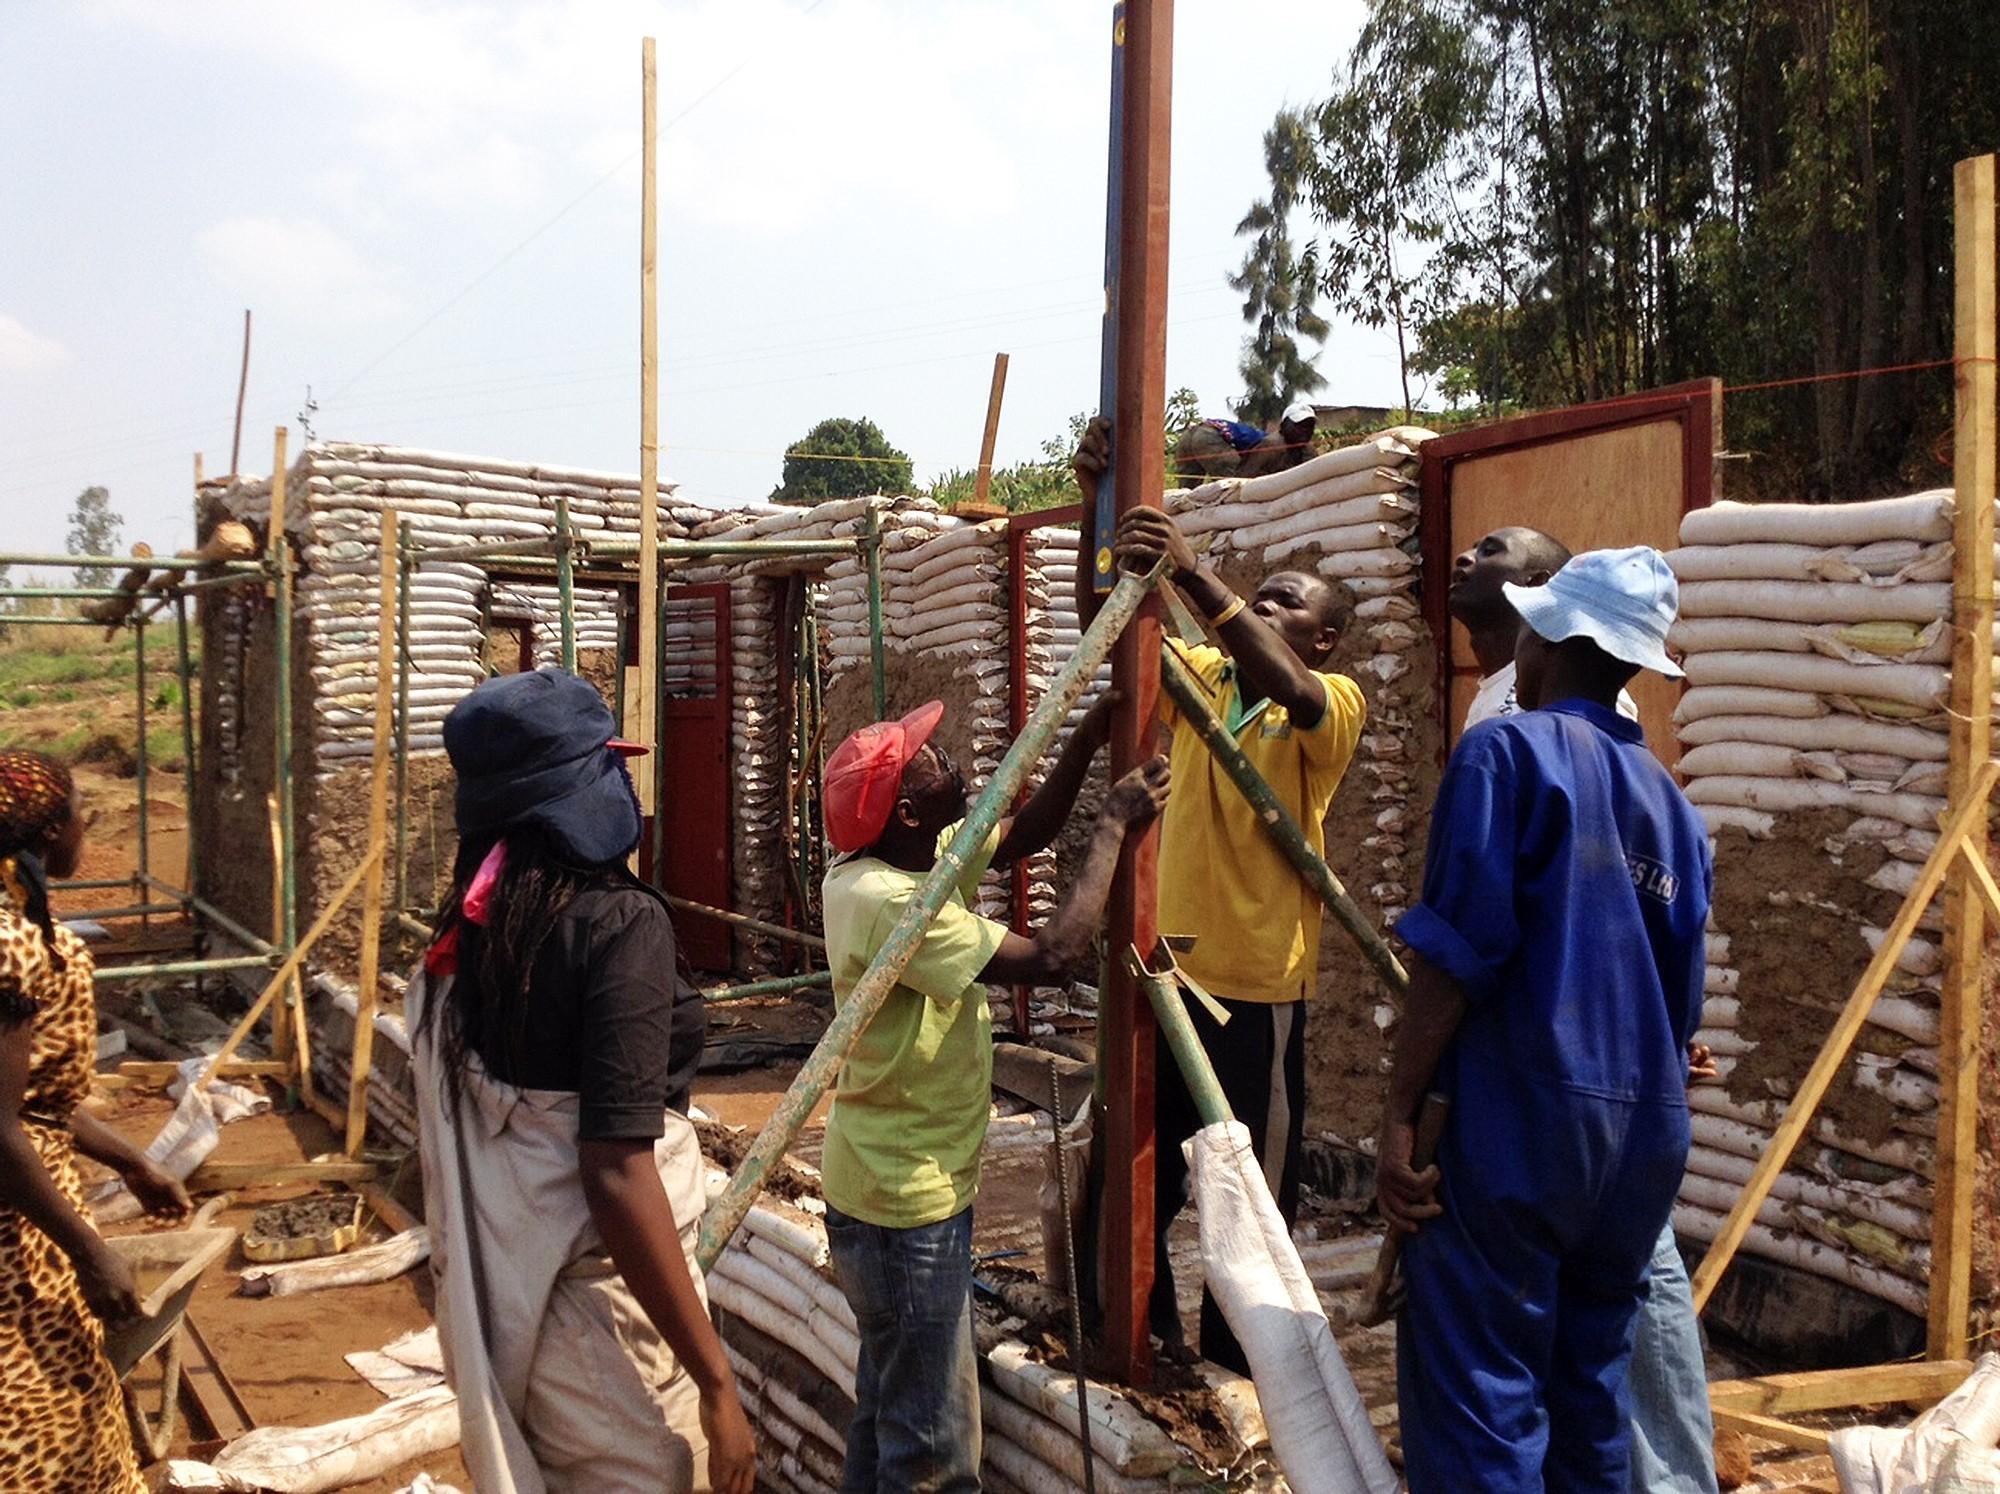 Construcción con Superadobe. Image ©  GA Collaborative / 2013-2014